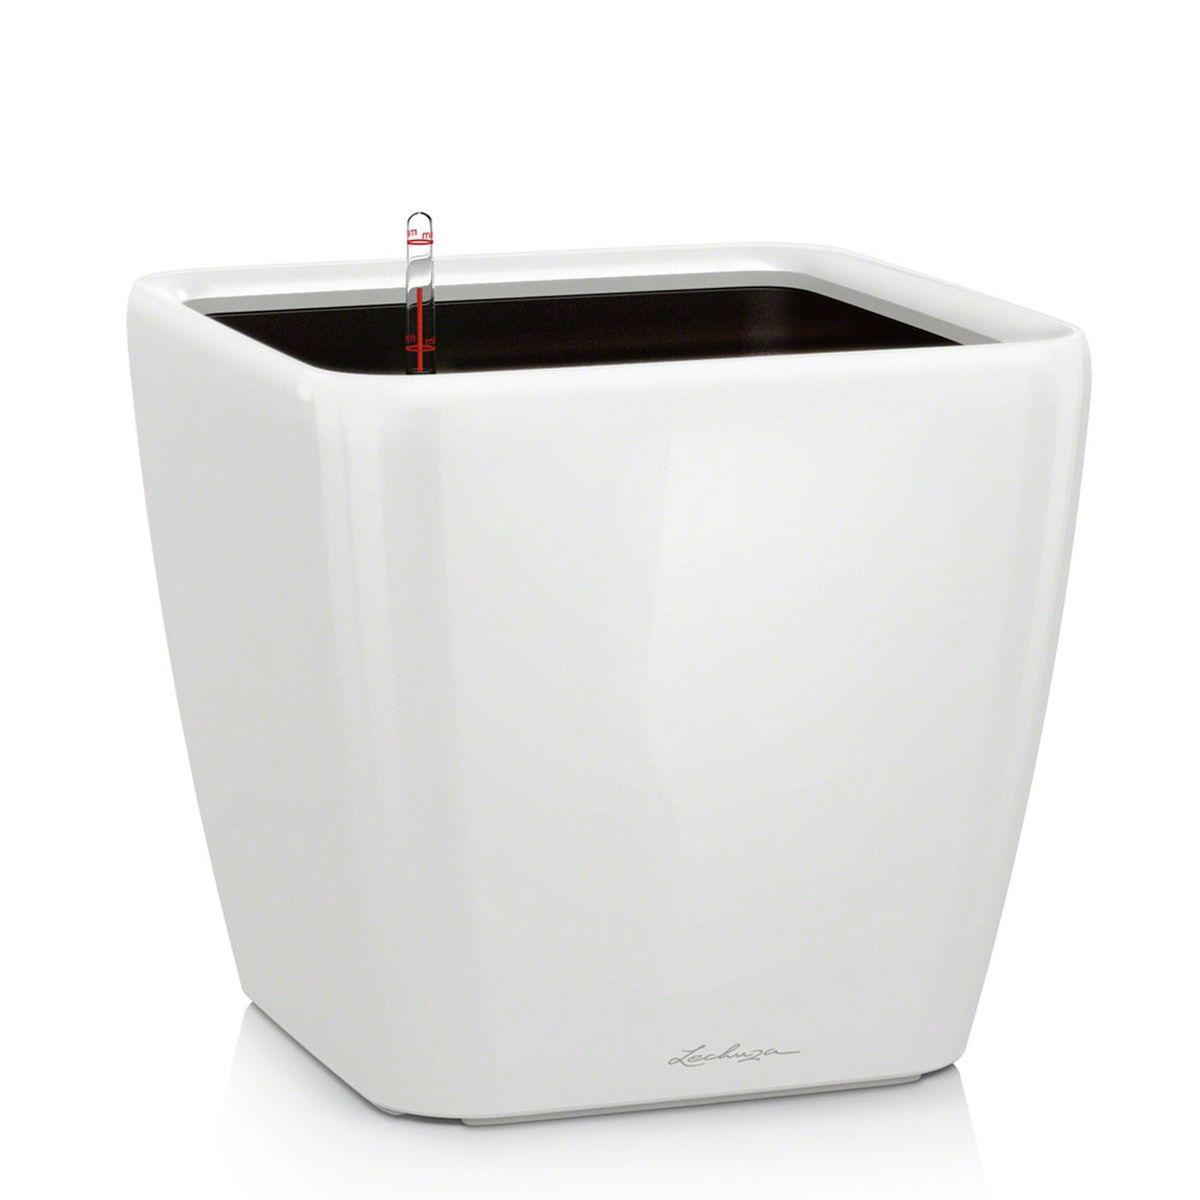 Кашпо Lechuza Quadro, с системой автополива, цвет: белый, 28 х 28 х 26 см16140Кашпо Lechuza Quadro, выполненное из высококачественного пластика, имеет уникальную систему автополива, благодаря которой корневая система растения непрерывно снабжается влагой из резервуара. Уровень воды в резервуаре контролируется с помощью специального индикатора. В зависимости от размера кашпо и растения воды хватает на 2-12 недель. Это способствует хорошему росту цветов и предотвращает переувлажнение. В набор входит: кашпо, внутренний горшок с выдвижной эргономичной ручкой, индикатор уровня воды, вал подачи воды, субстрат растений в качестве дренажного слоя, резервуар для воды. Кашпо Lechuza Quadro прекрасно впишется в любой интерьер. Оно поможет расставить нужные акценты, а также придаст помещению вид, соответствующий вашим представлениям.